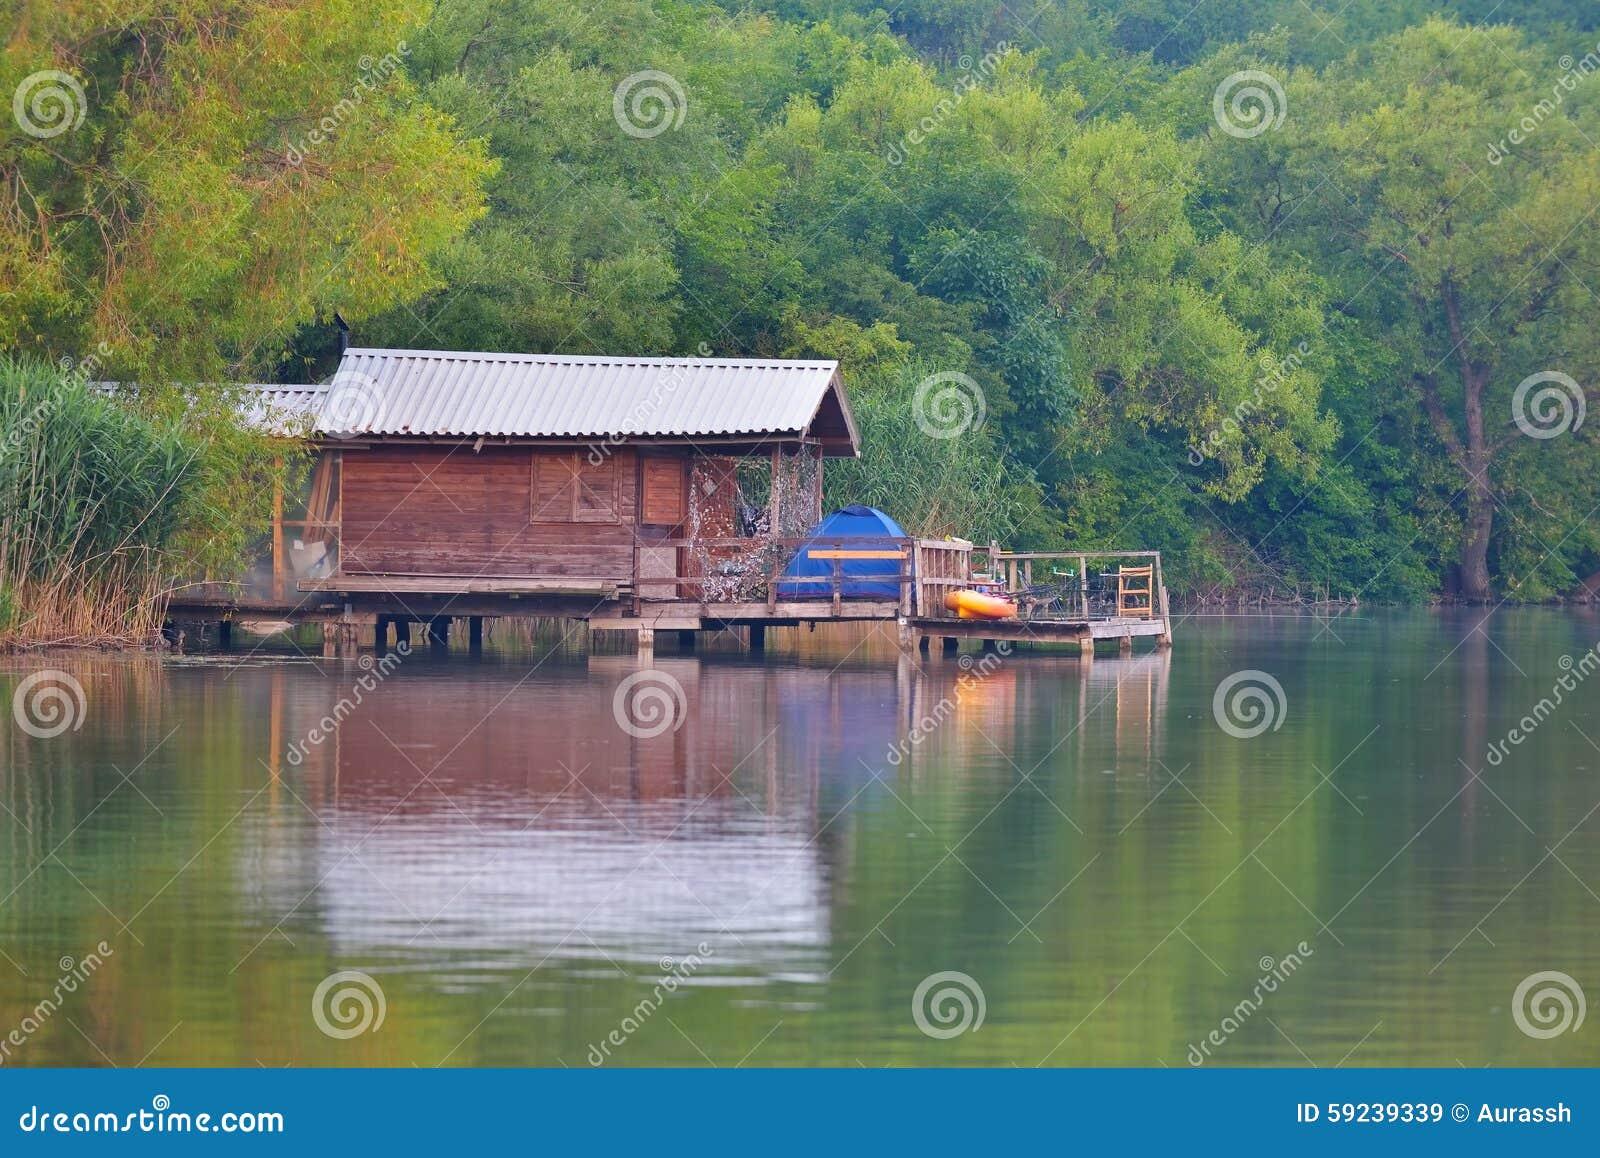 Pequeña cabaña de los días de fiesta reflejada en el lago